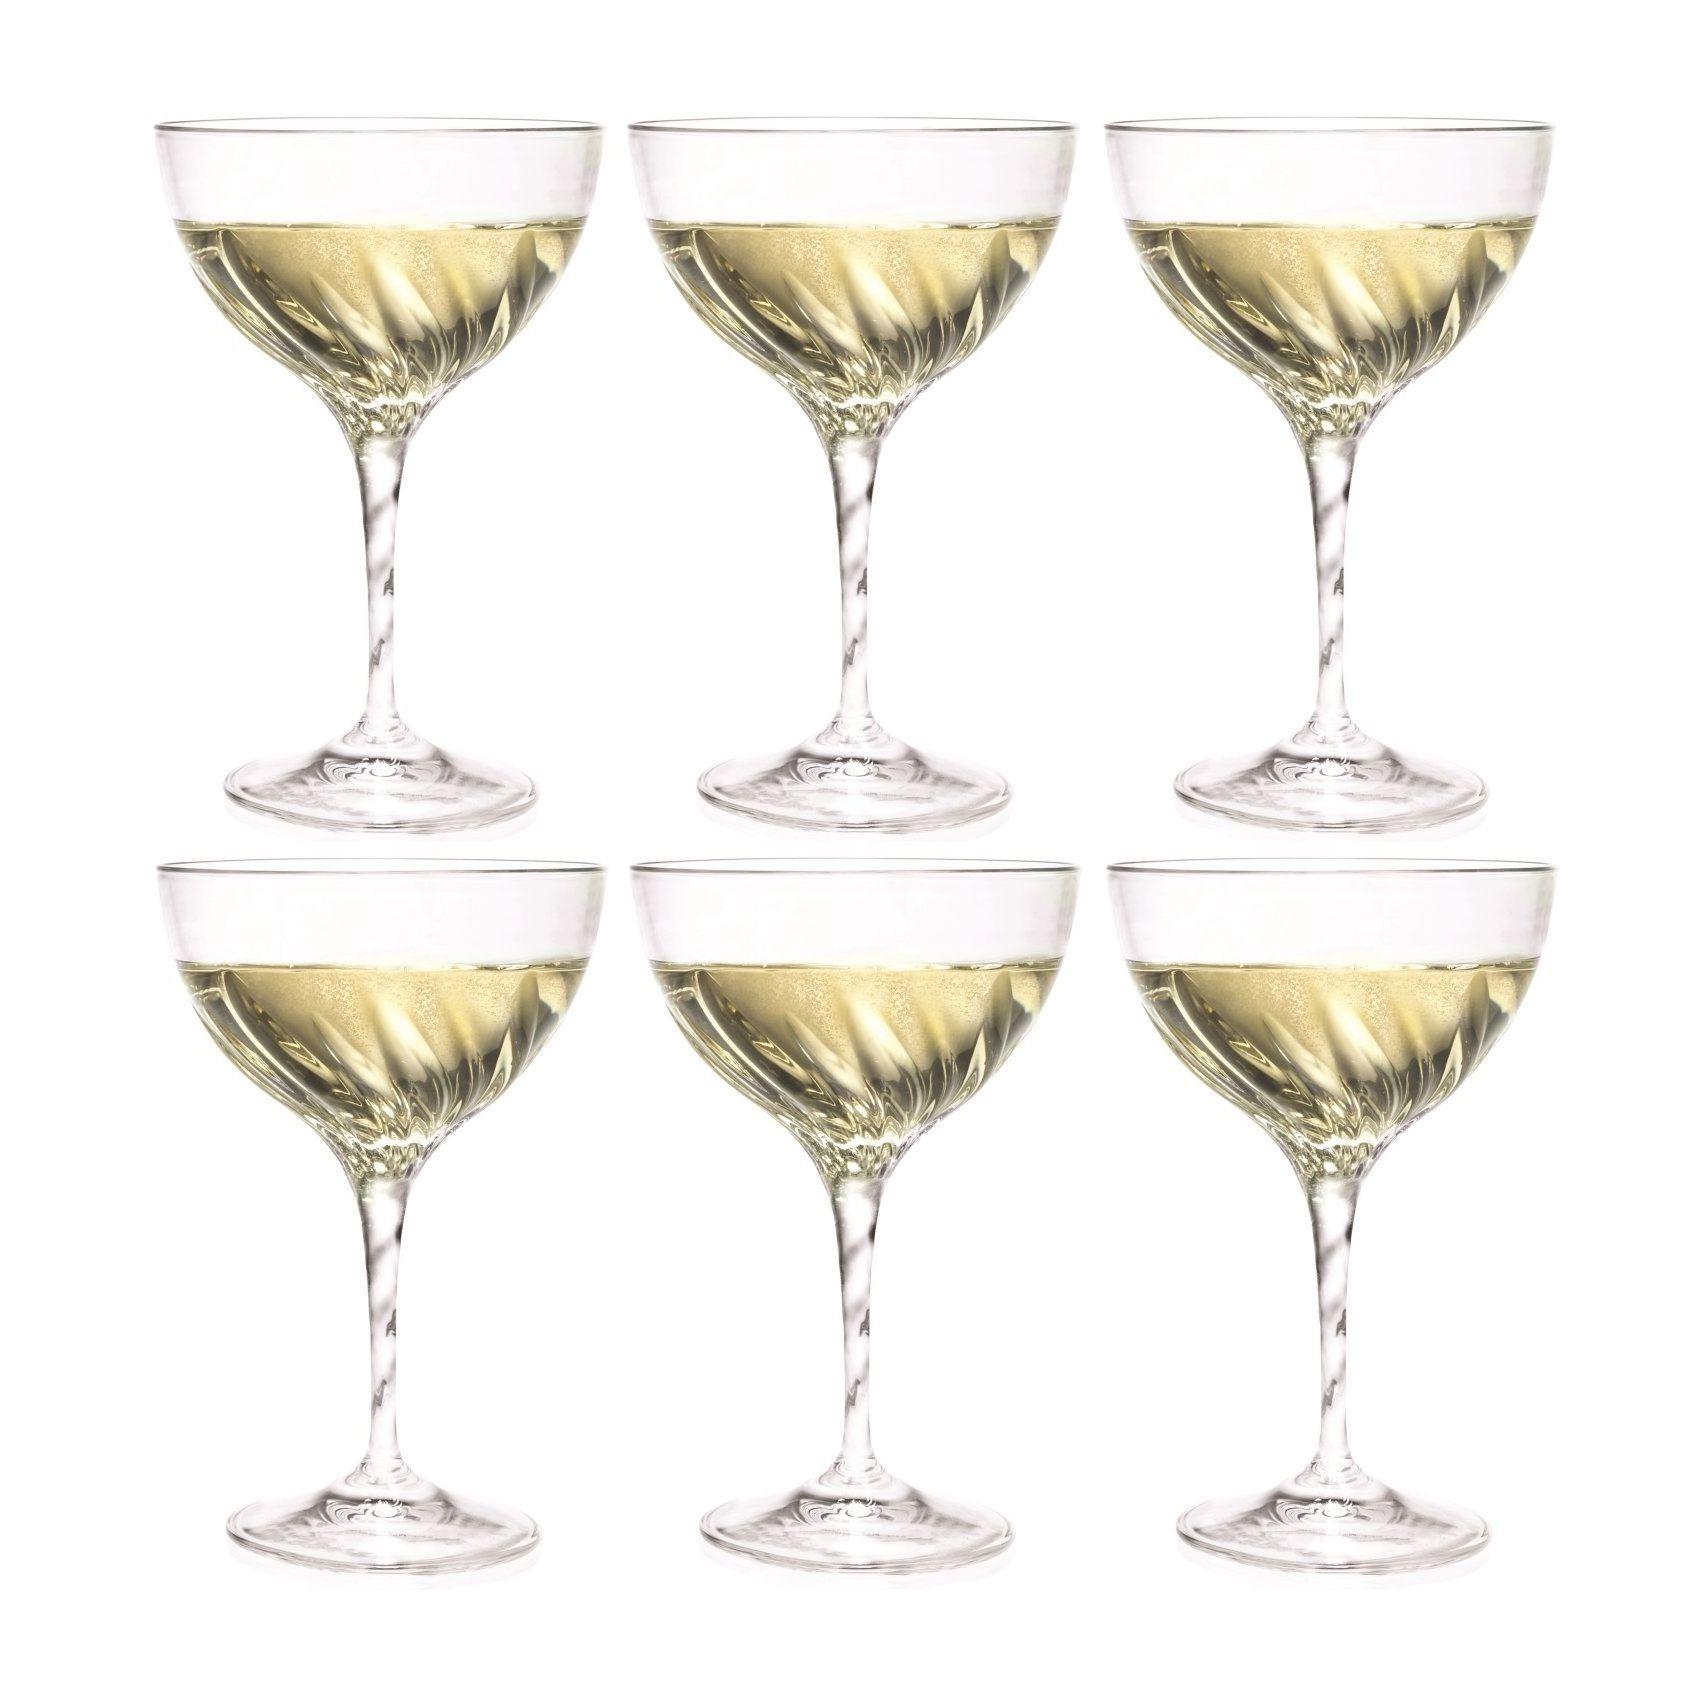 Набор бокалов д/шампанского 380 мл 6 шт FLUENTEНабор бокалов для шампанскогоФлюент отличается изысканностью и элегантностью дизайна. Высокие стенки узкого бокала обеспечивают длительное сохранение вкуса и аромата игристого напитка, а преломление света в гранях стекла привнесет в ваш праздник настроение торжественности и роскоши. Бокалы изготавливаются из прочного стекла, для создания которого не применяются токсичные вещества. Набор станет универсальным выбором для дома, а также подойдет для применения в барах и ресторанах благодаря универсальному исполнению. Набор бокалов для шампанскогоФлюент – выбор для самых ярких праздников.<br>